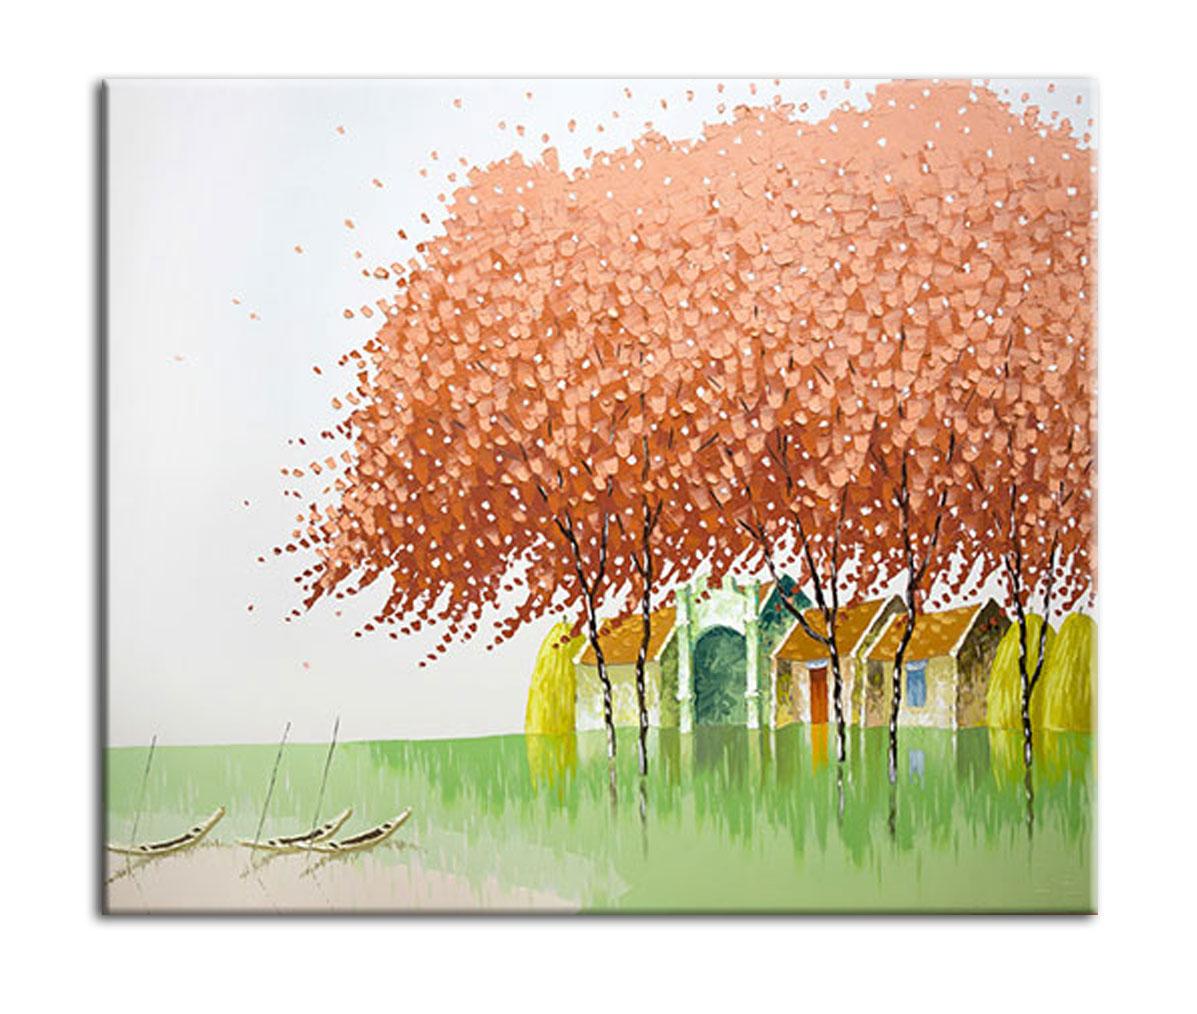 Картина Гладь рекиКартины<br>Авторская копия картины вьетнамской художницы Phan Thu Trang в технике жекле&amp;lt;div&amp;gt;&amp;lt;br&amp;gt;&amp;lt;/div&amp;gt;&amp;lt;div&amp;gt;Материал: натуральный холст, деревянный подрамник, лак,итальянский фактурный гель&amp;lt;br&amp;gt;&amp;lt;/div&amp;gt;<br><br>Material: Холст<br>Width см: 60<br>Depth см: 3<br>Height см: 50